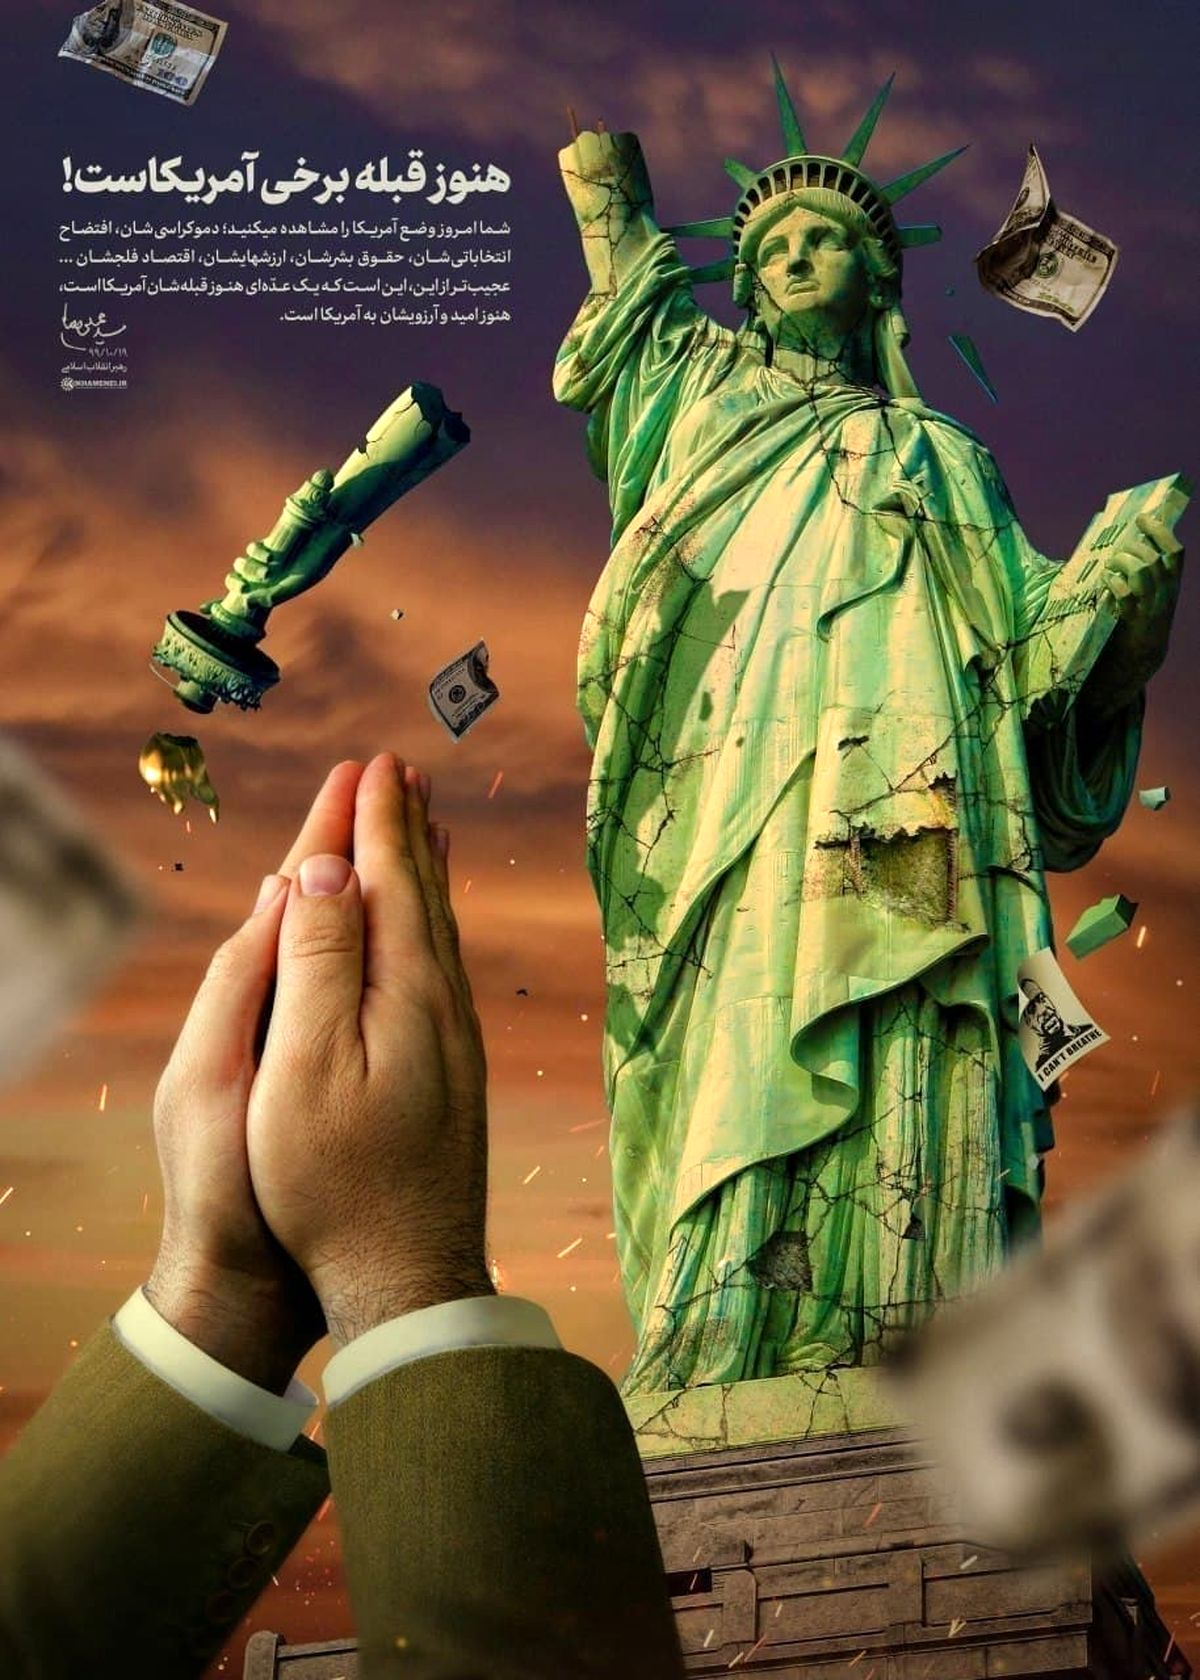 پوستر جدید سایت رهبر انقلاب/هنوز قبله برخی آمریکاست+عکس